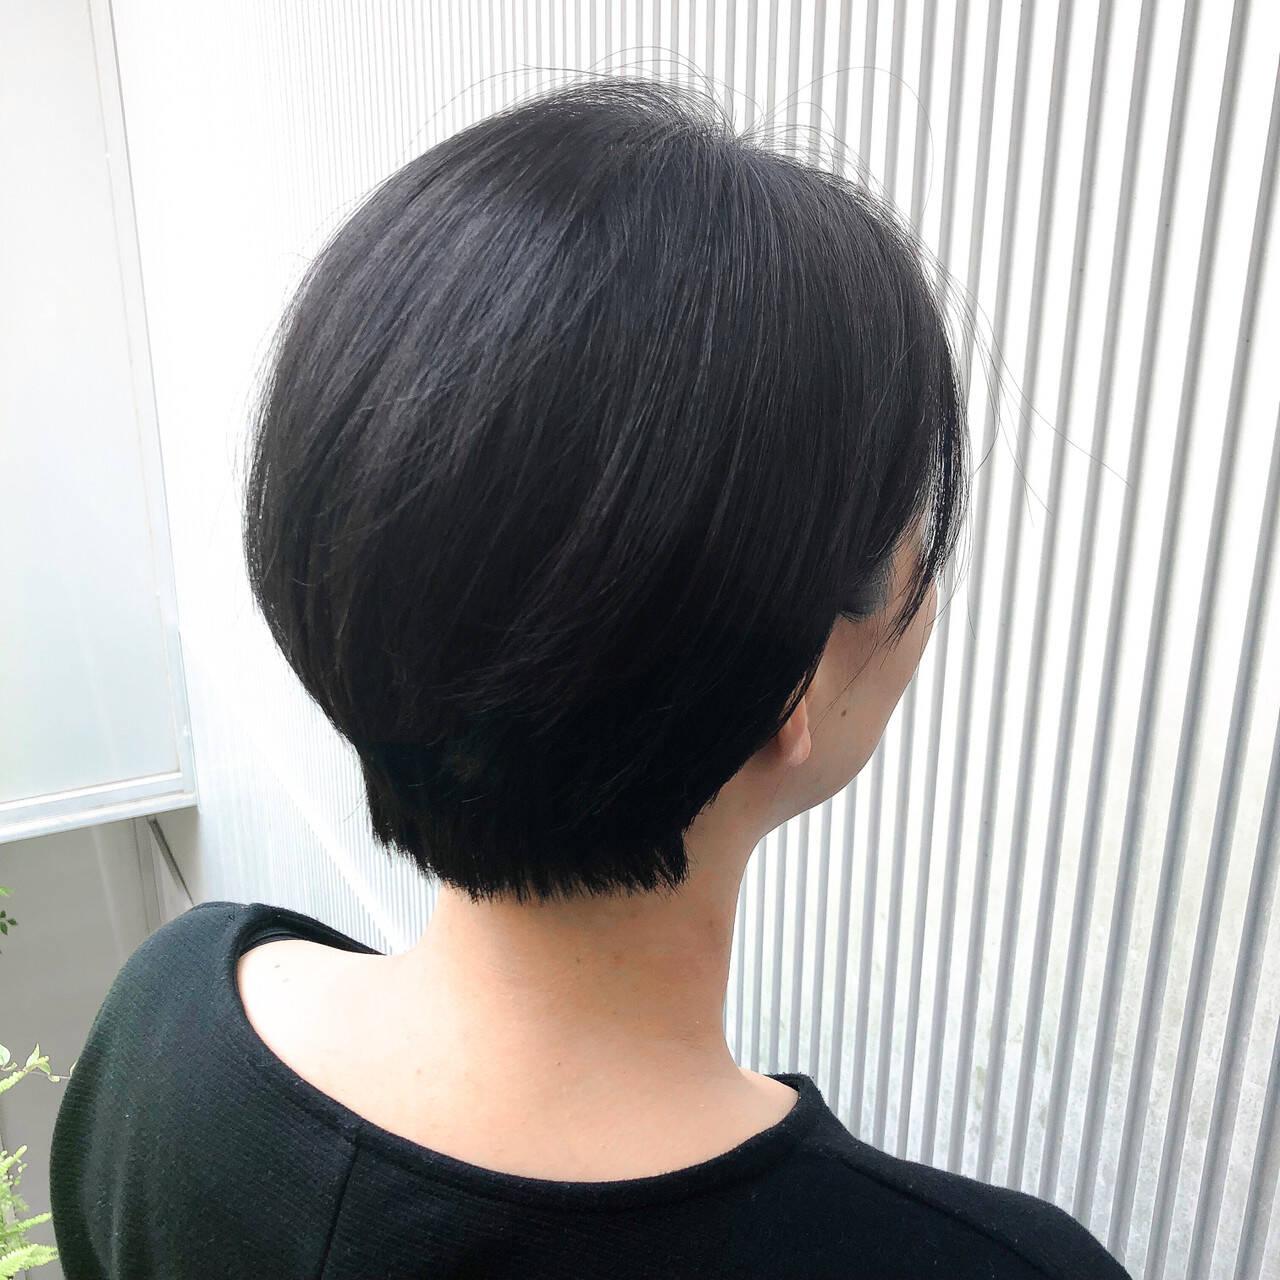 アッシュ ストレート ショート ナチュラルヘアスタイルや髪型の写真・画像